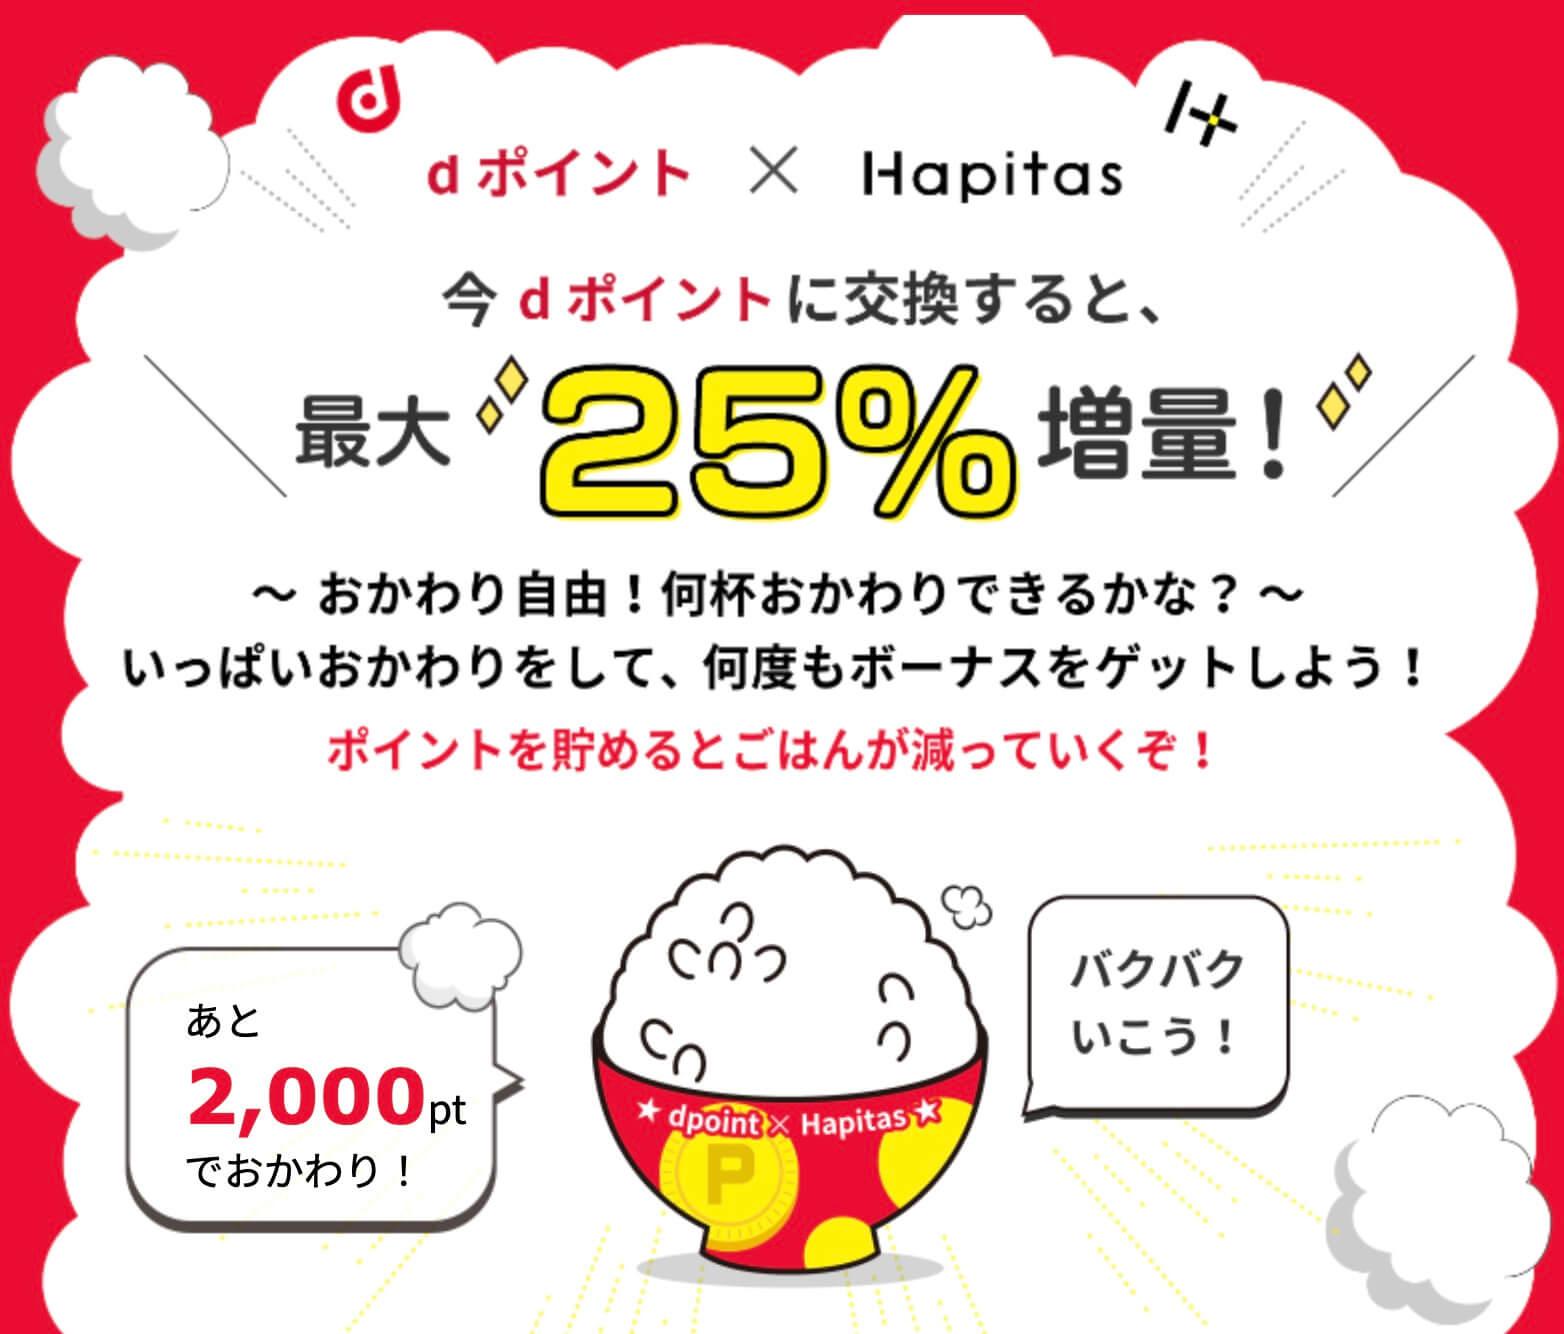 ハピタスdポイント 25%増量キャンペーンまとめ